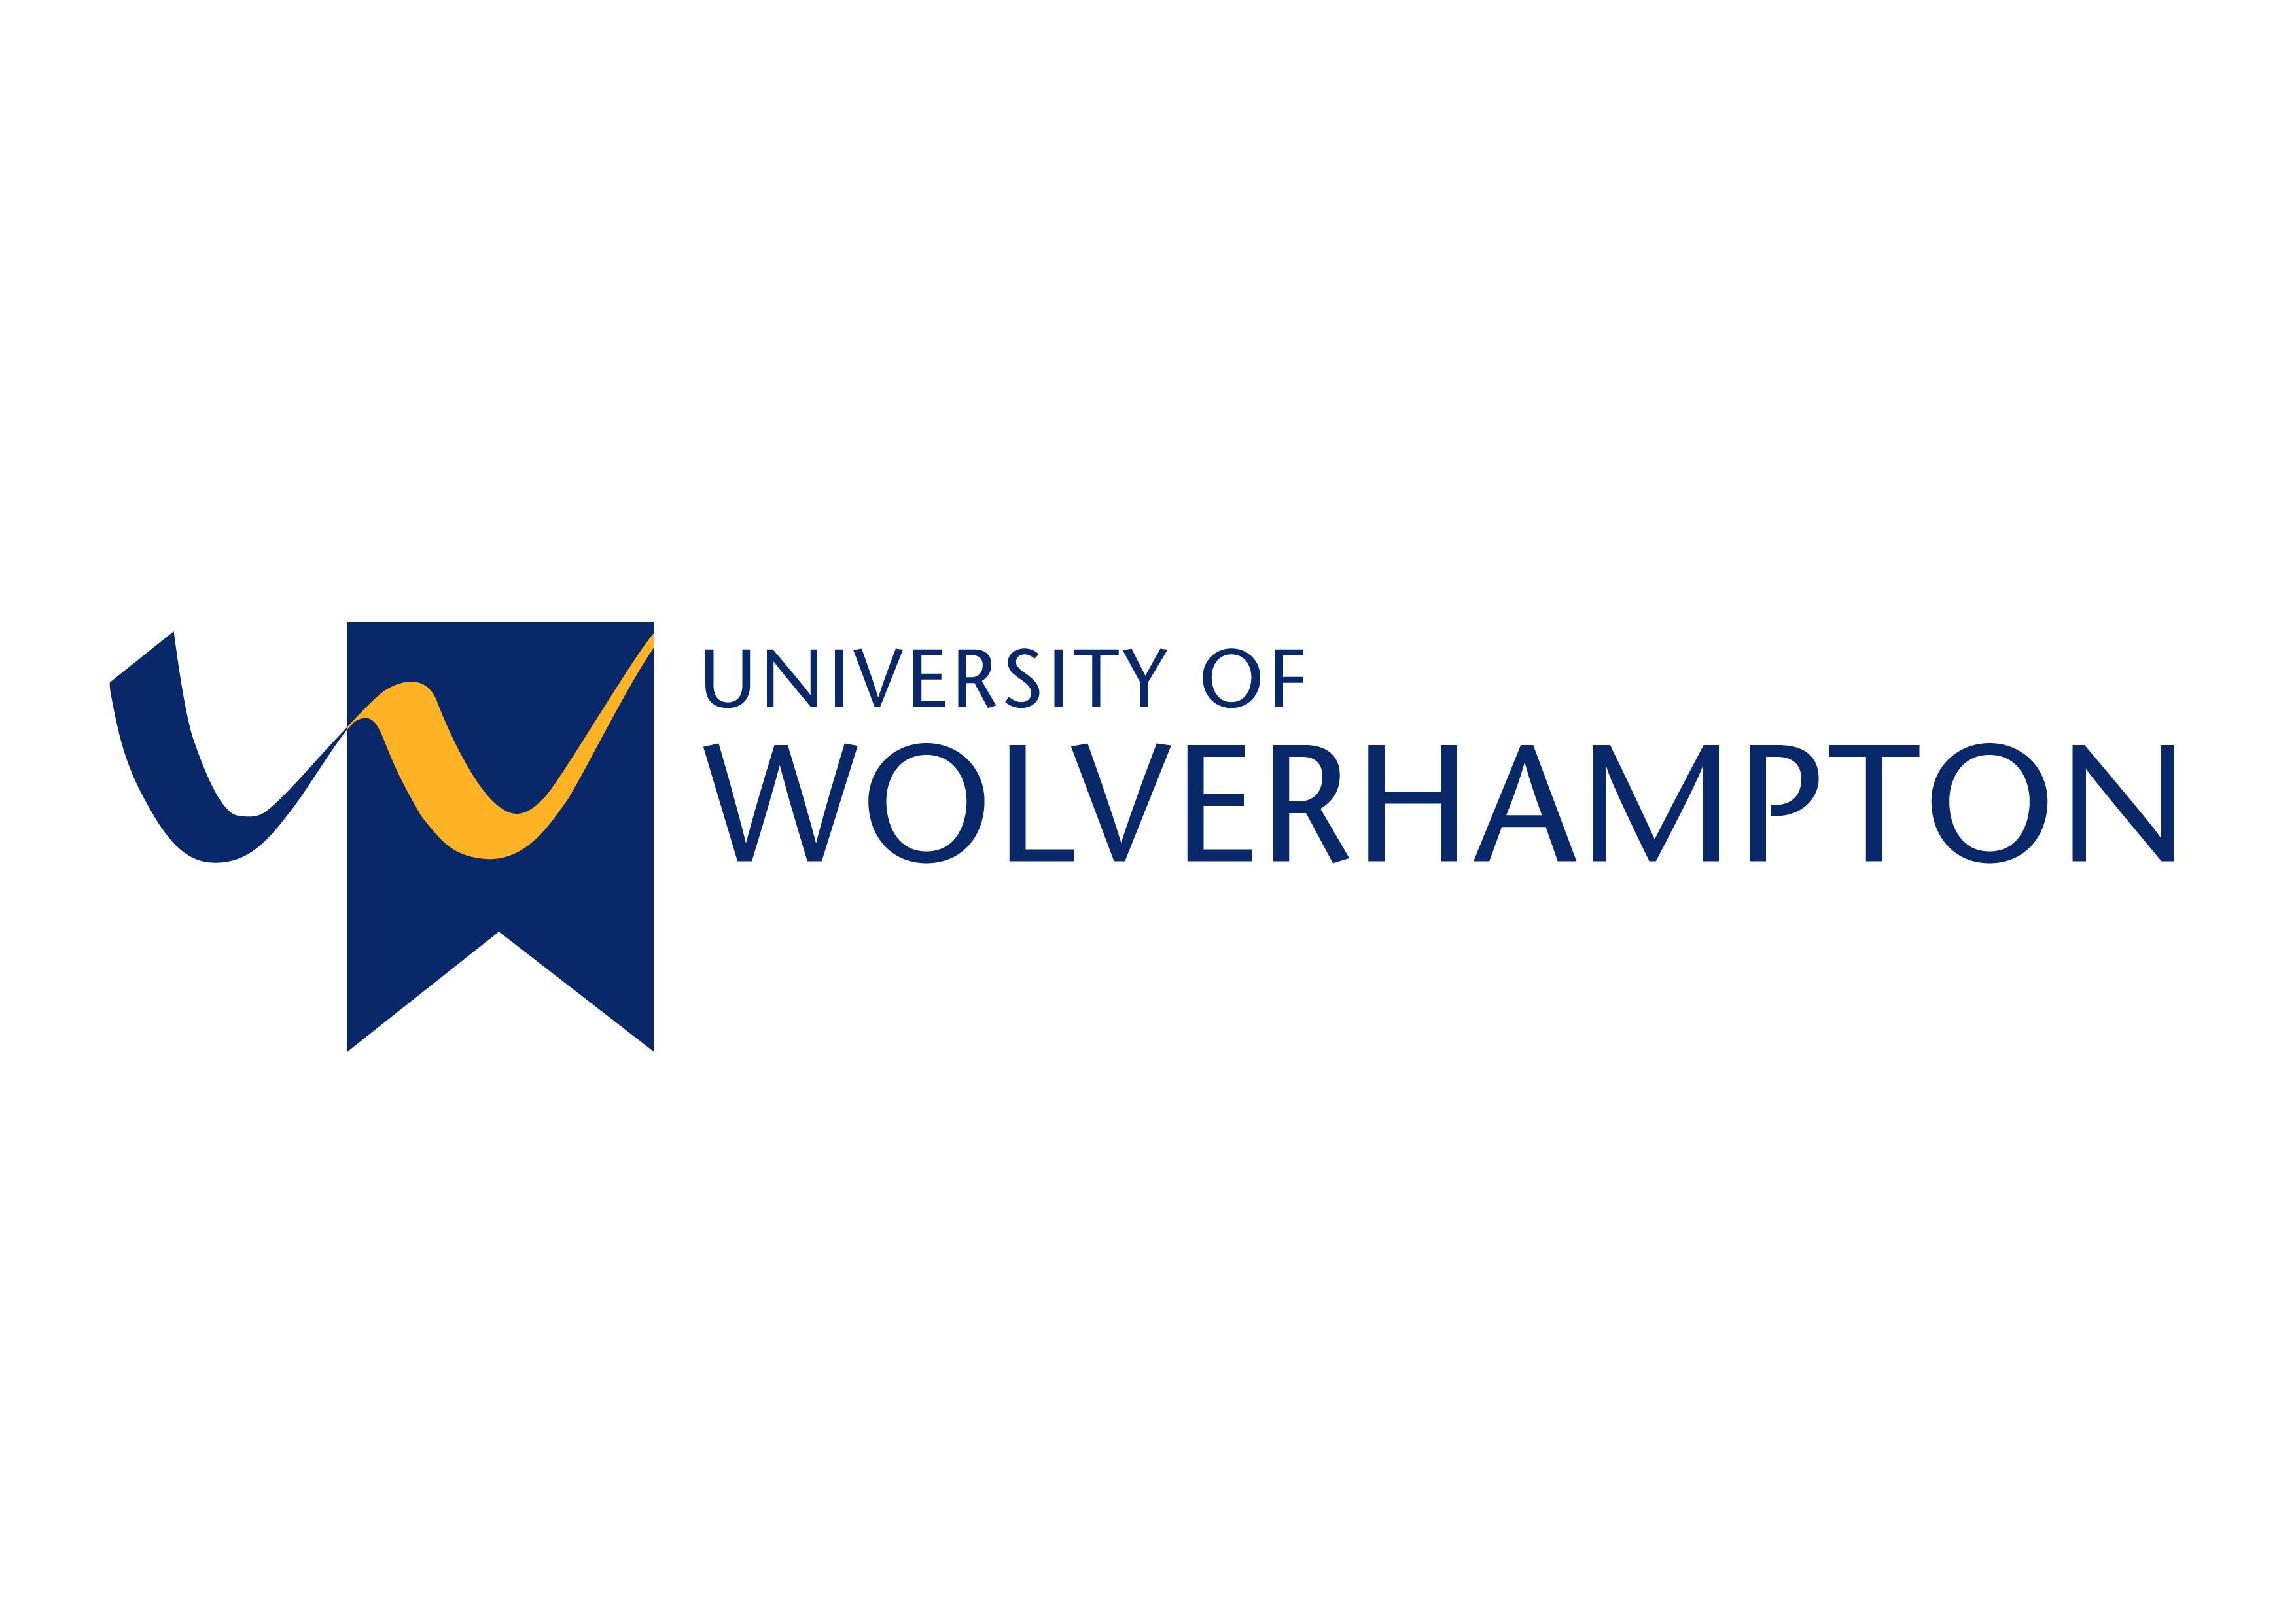 Wolverhampton uni